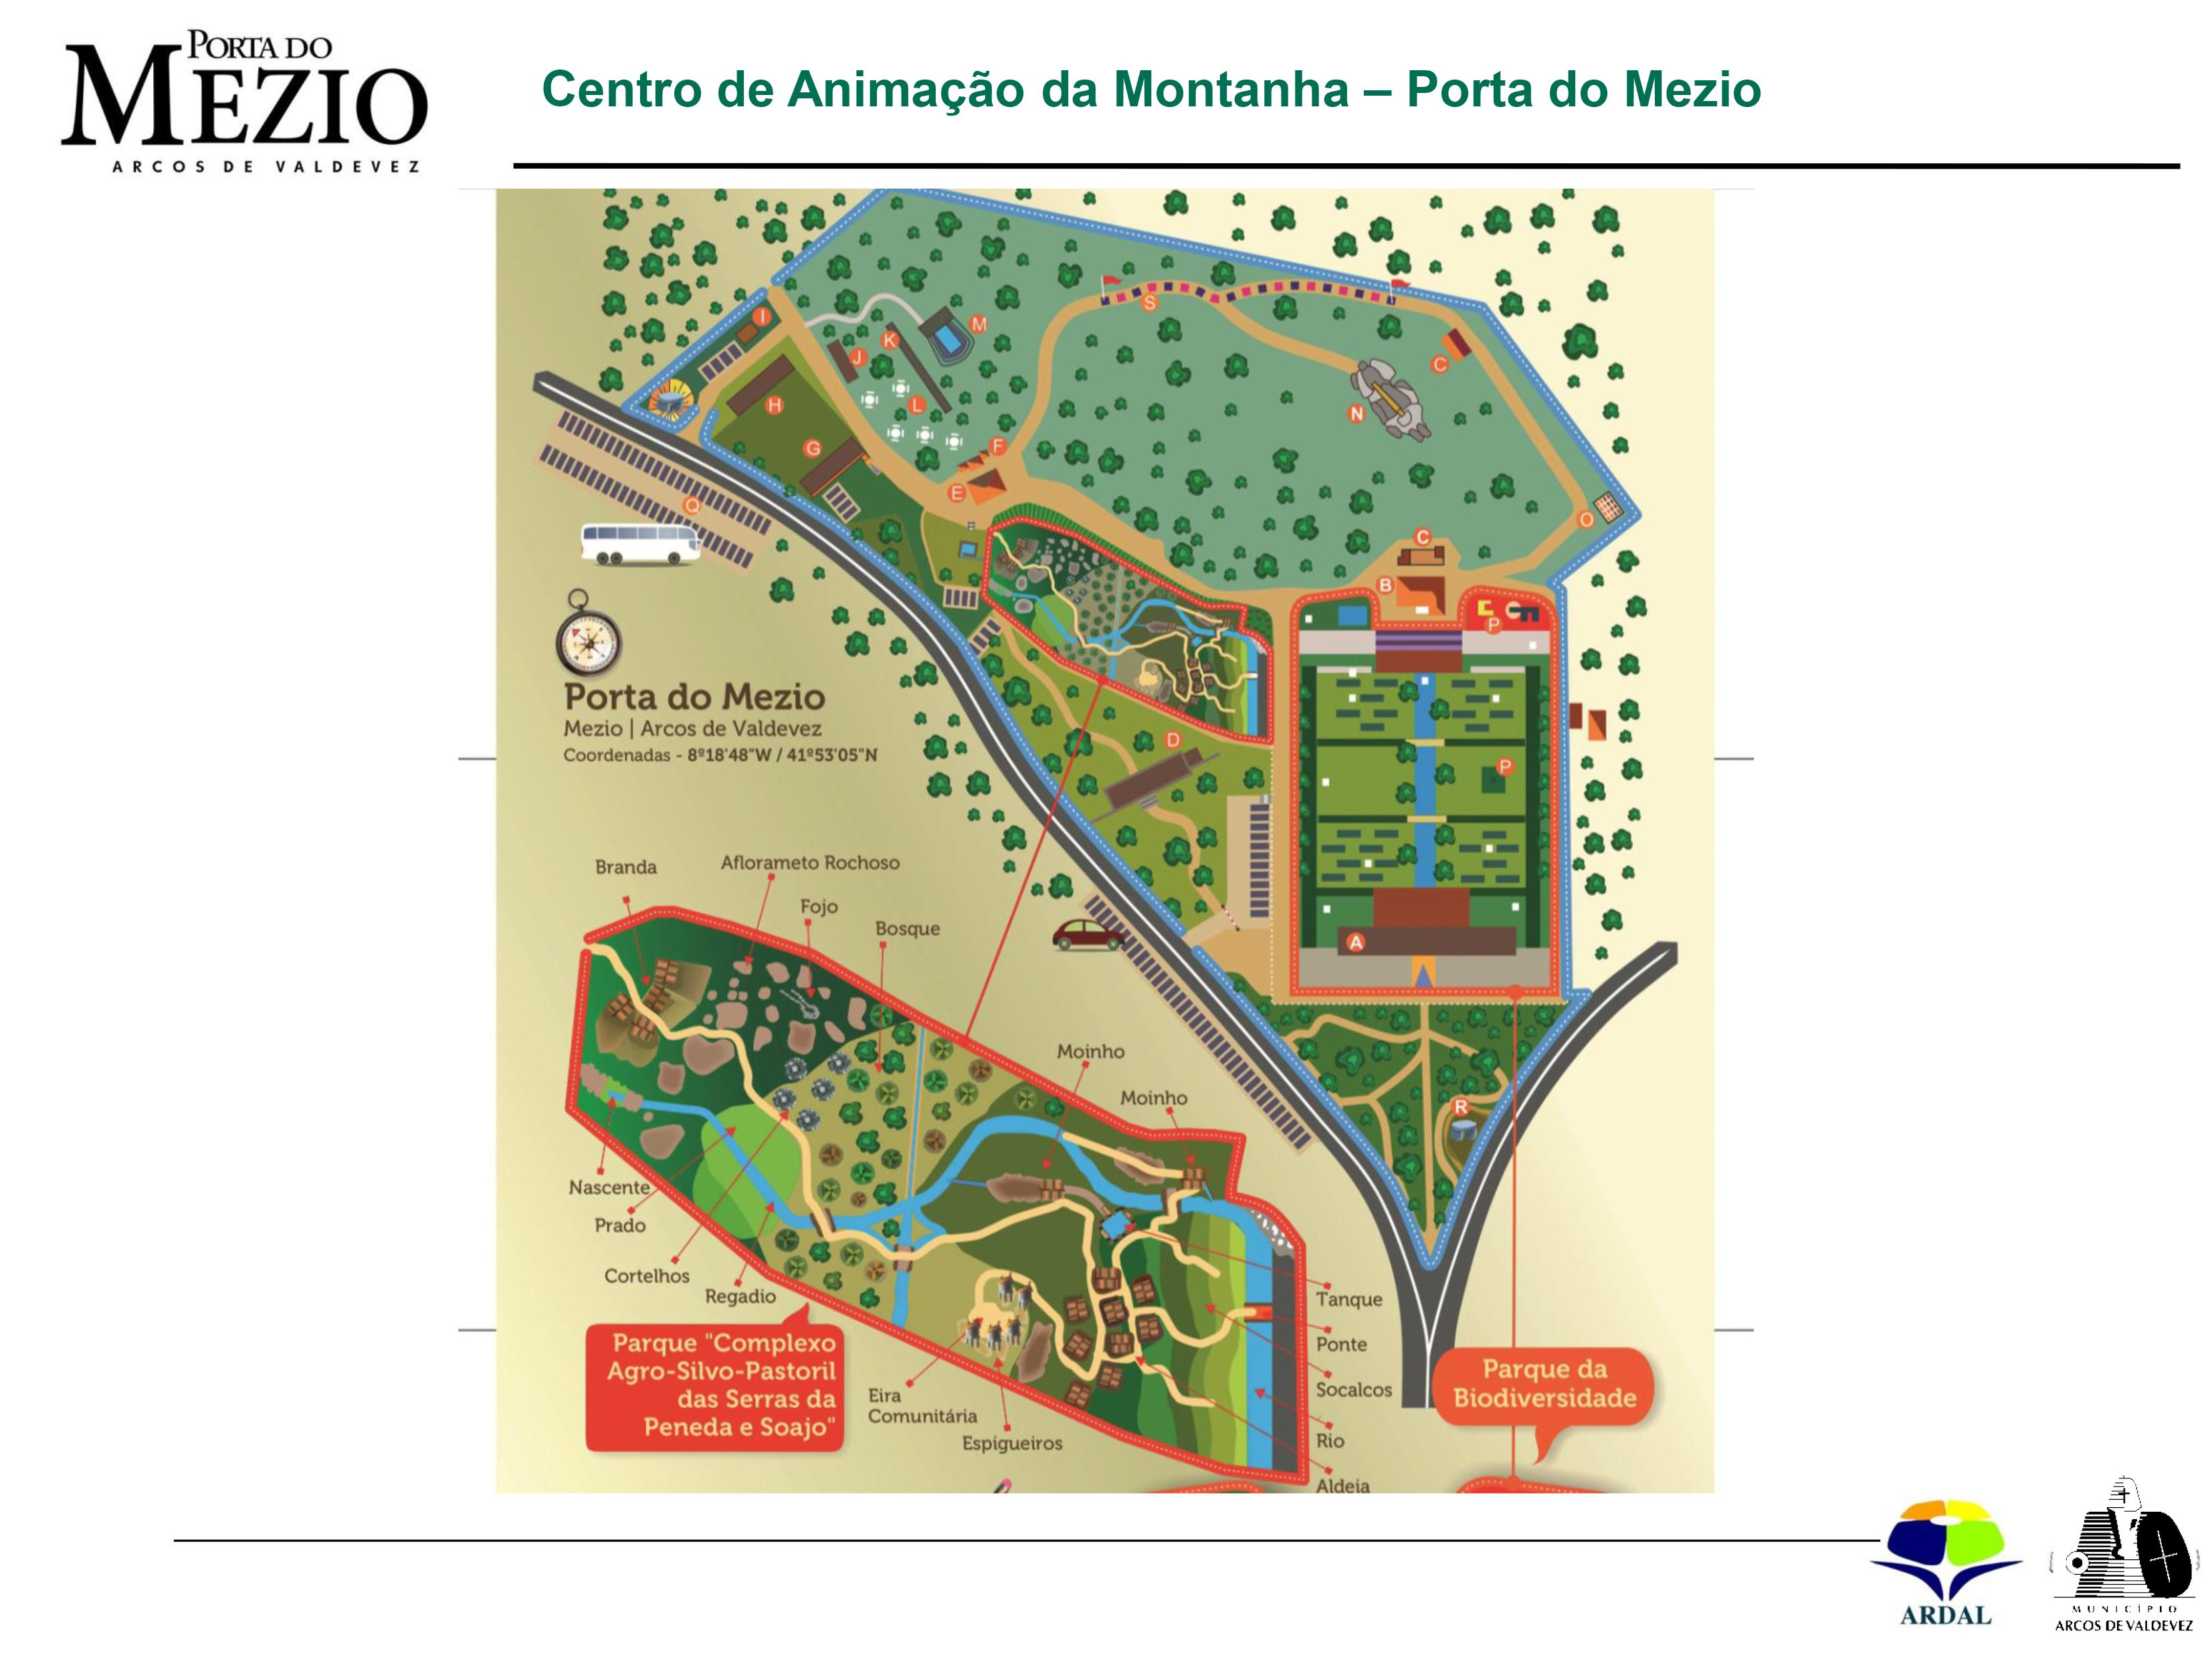 Porta do Mezio Centro de Animação de Montanha-4.